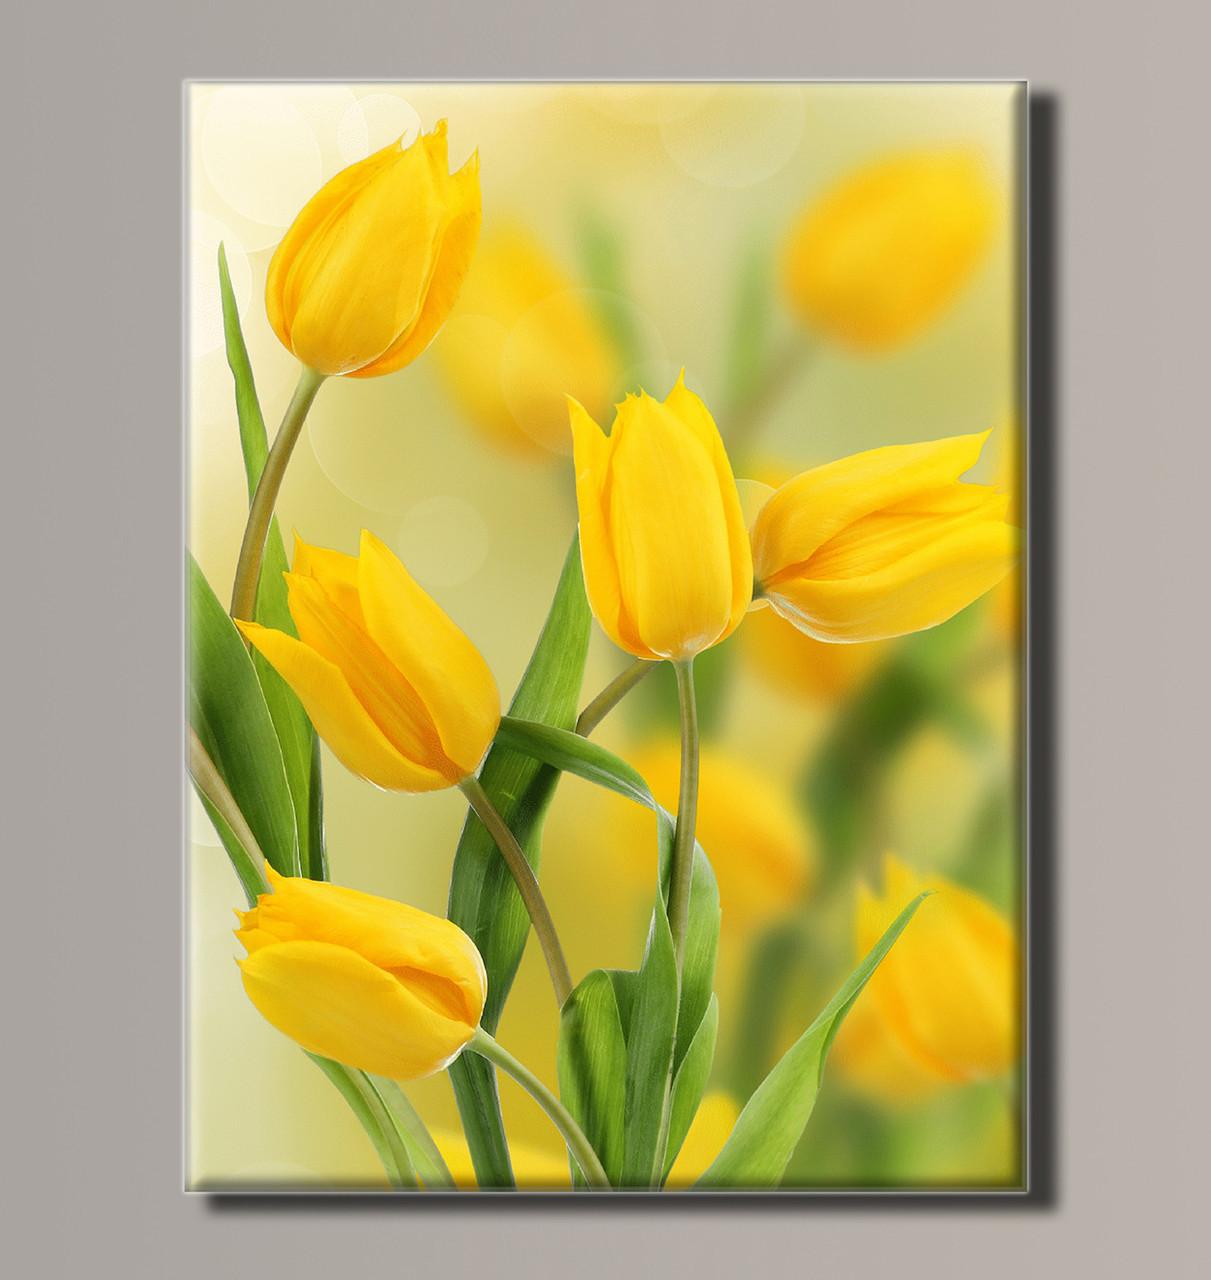 Картина HolstArt Желтые тюльпаны 41*54 см арт.HAS-196